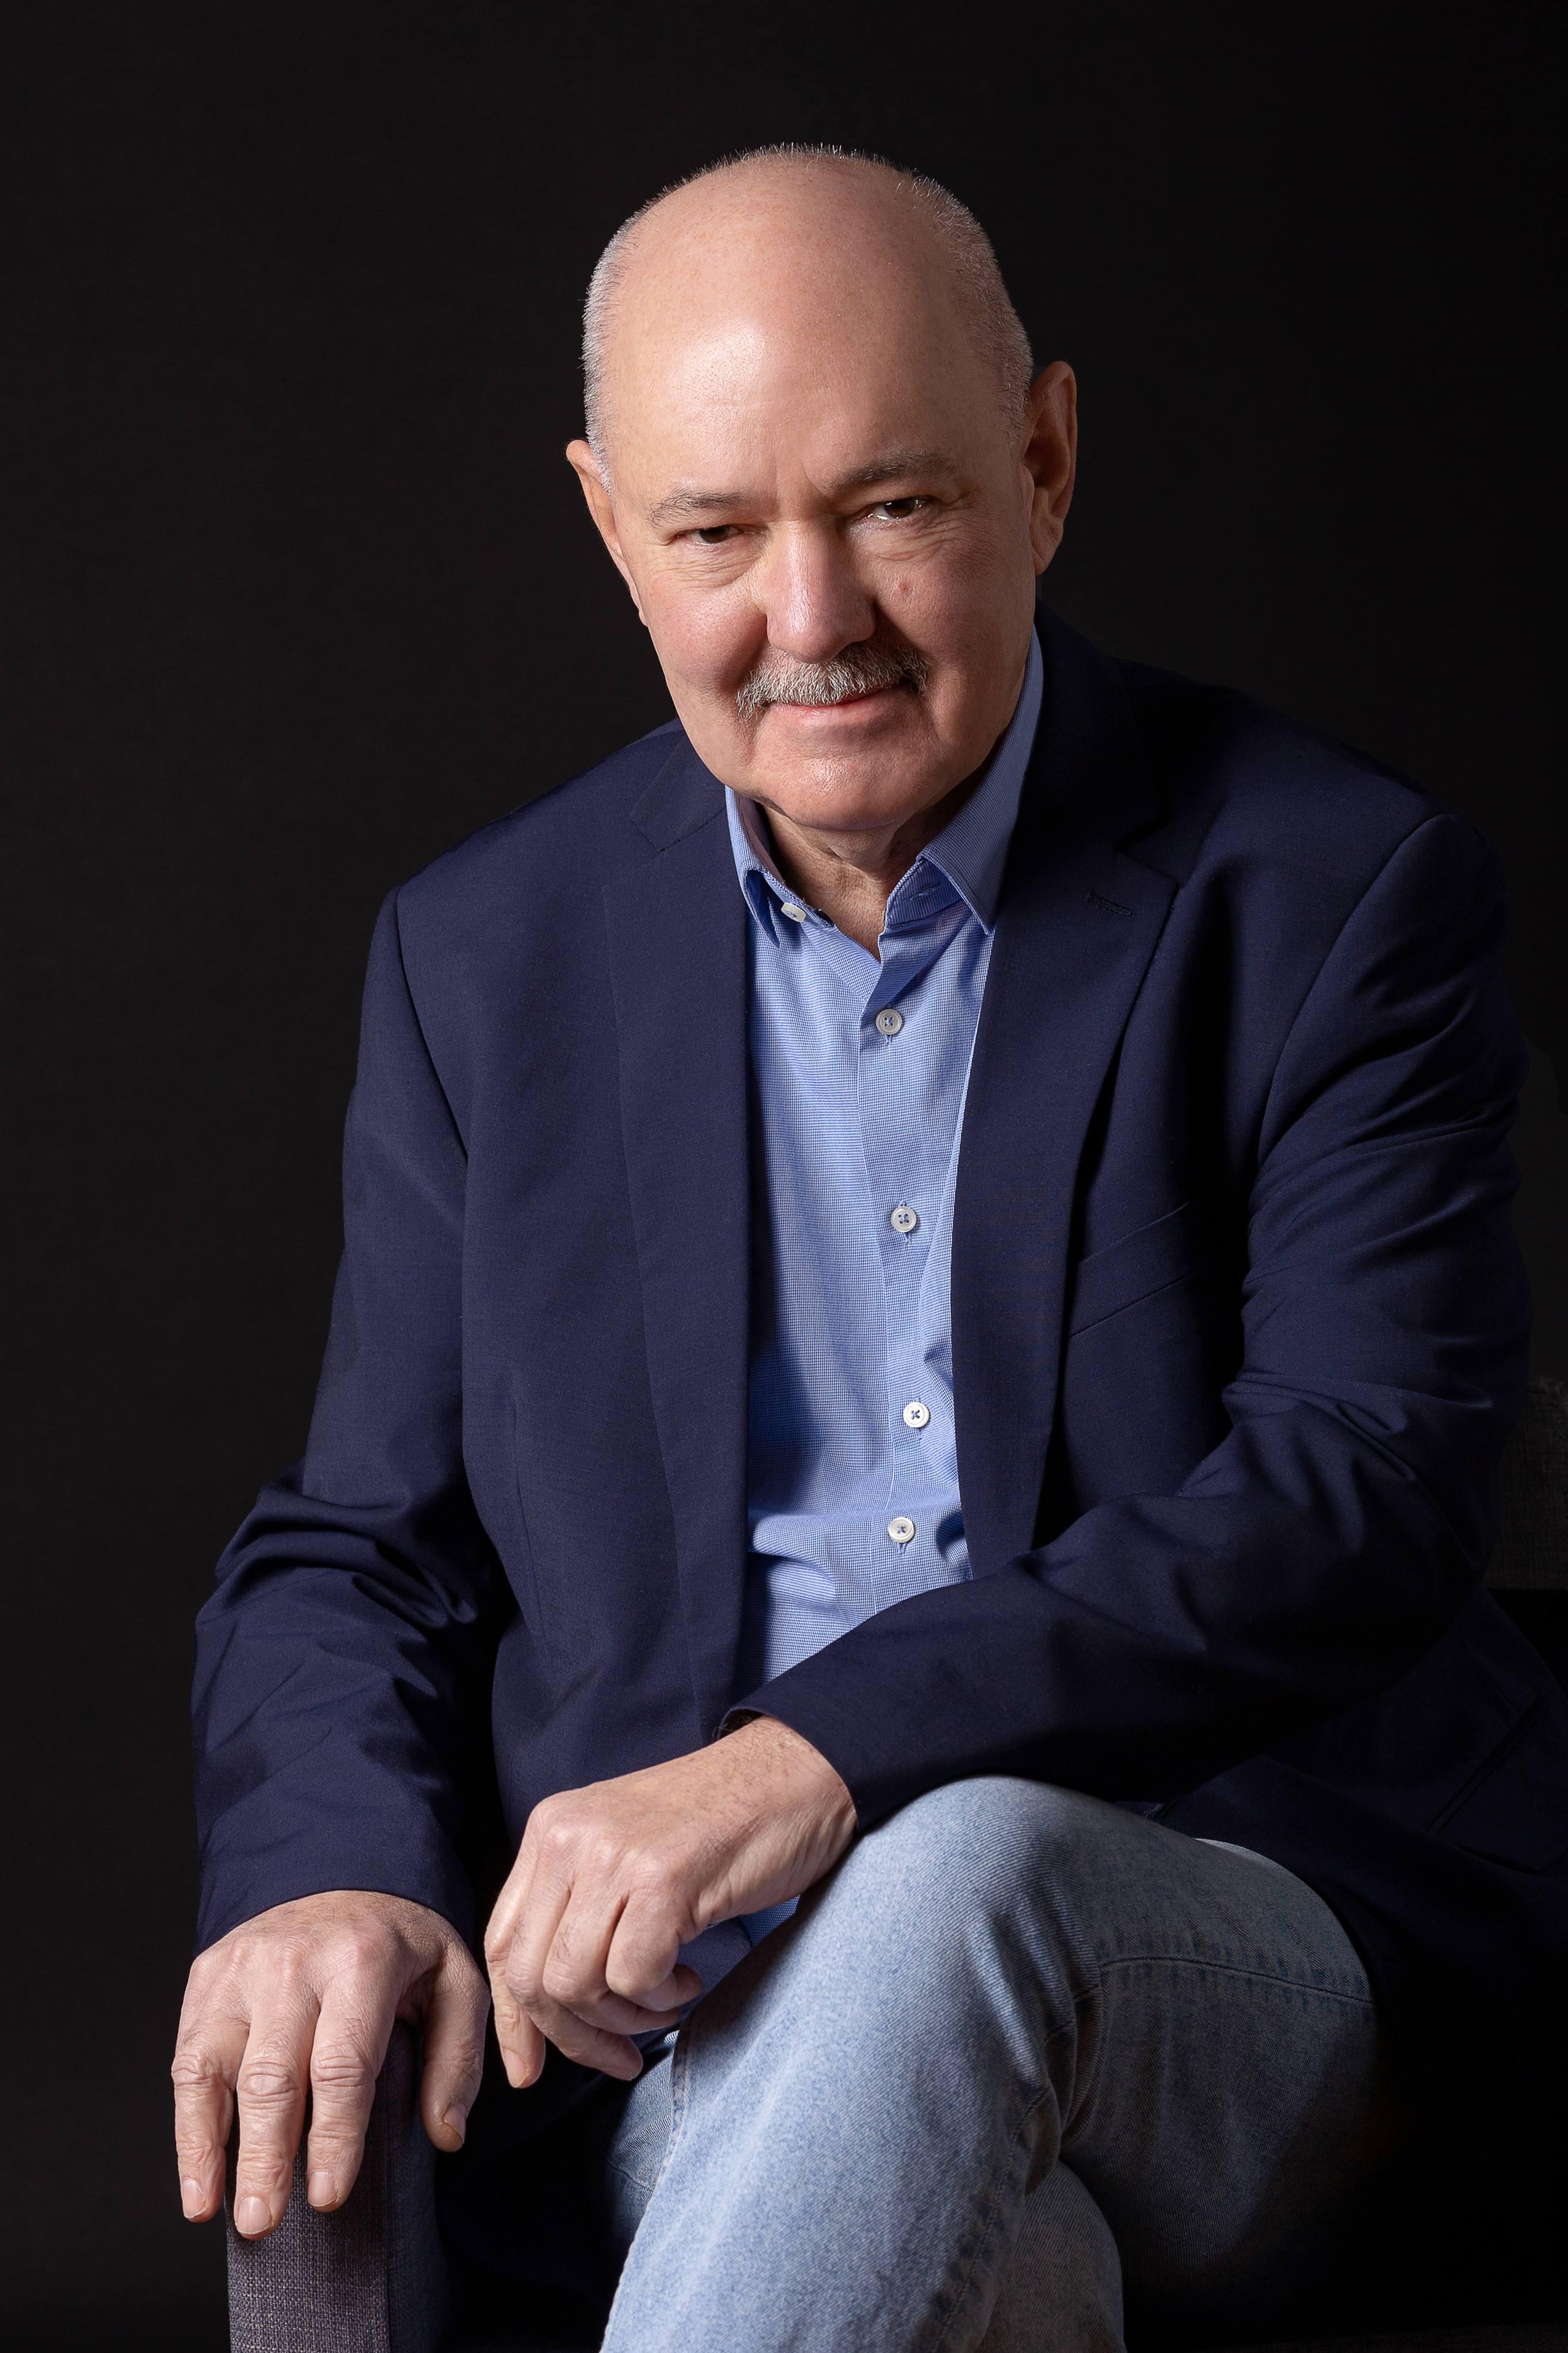 Kármán Sándor (1950- ) gyűjtő, alapító